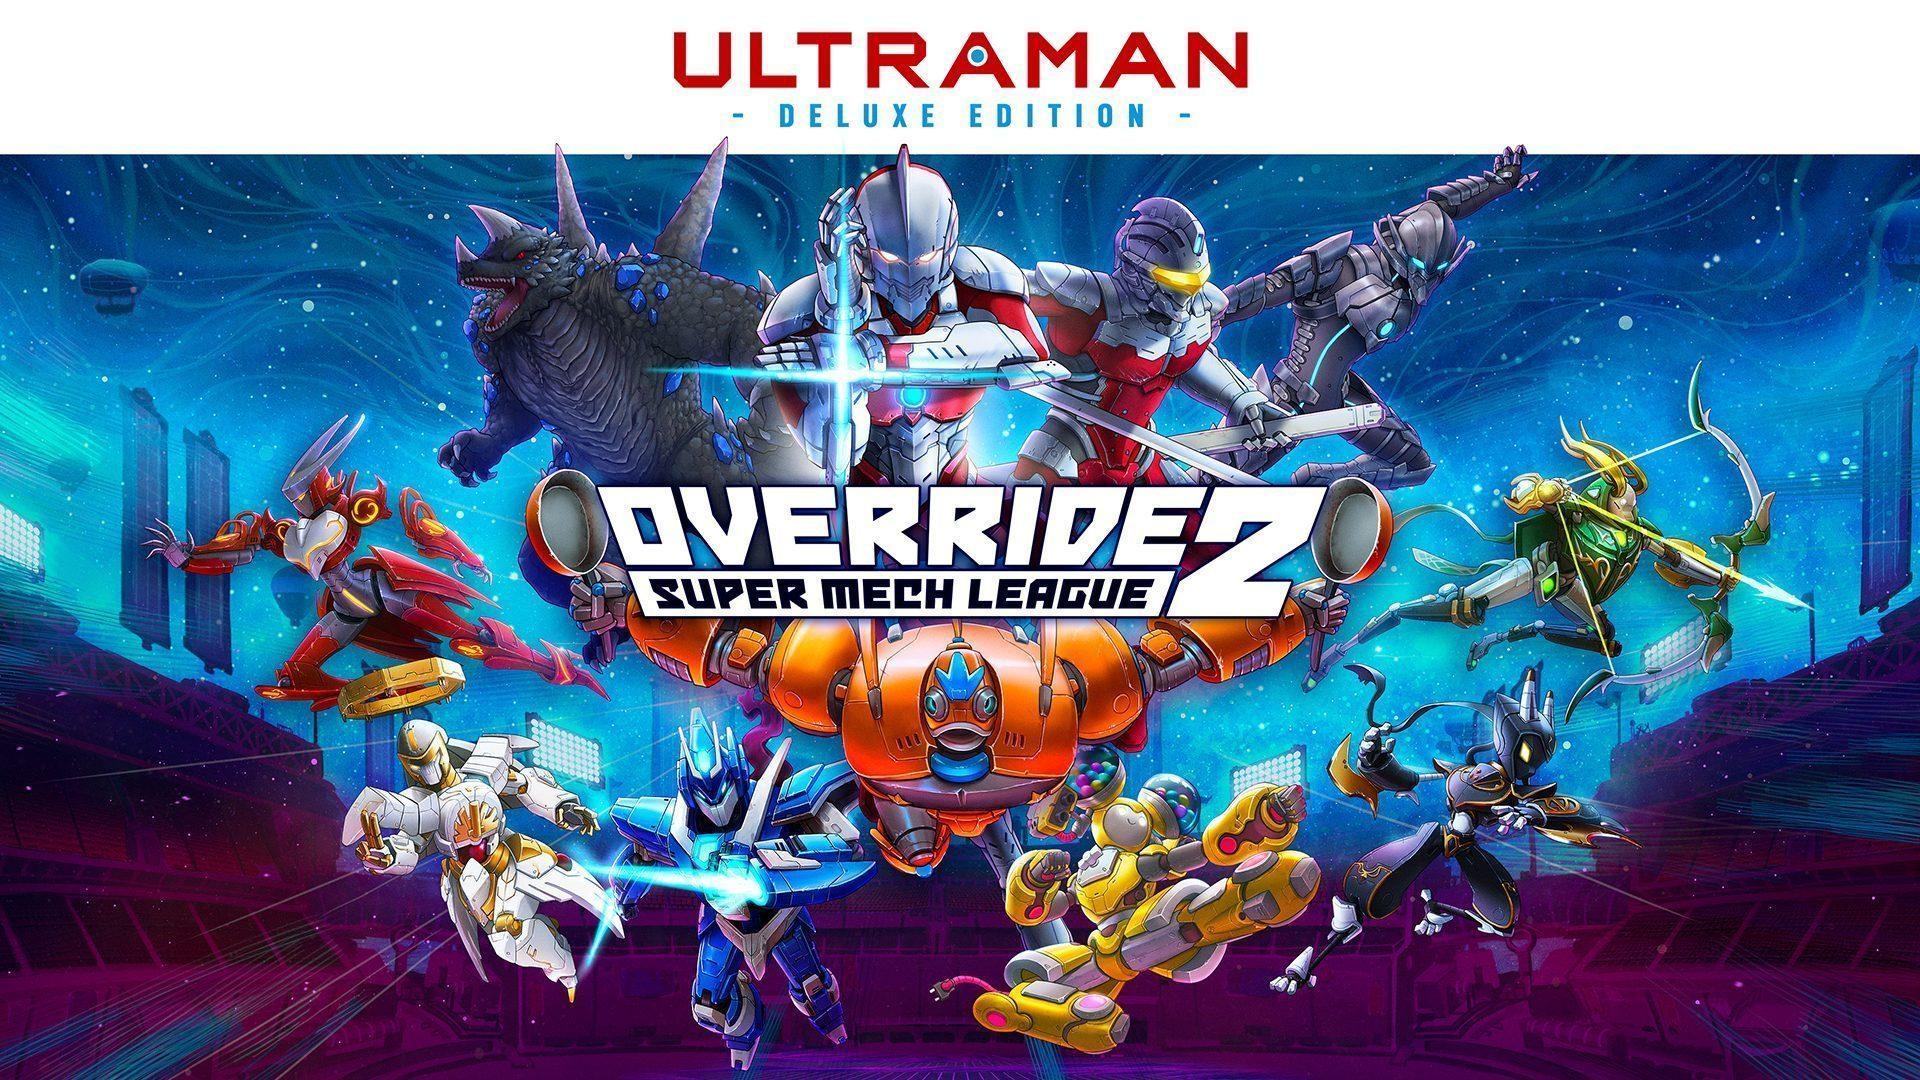 Override2_Ultraman_Deluxe_Edition_Keyart_1920x1080